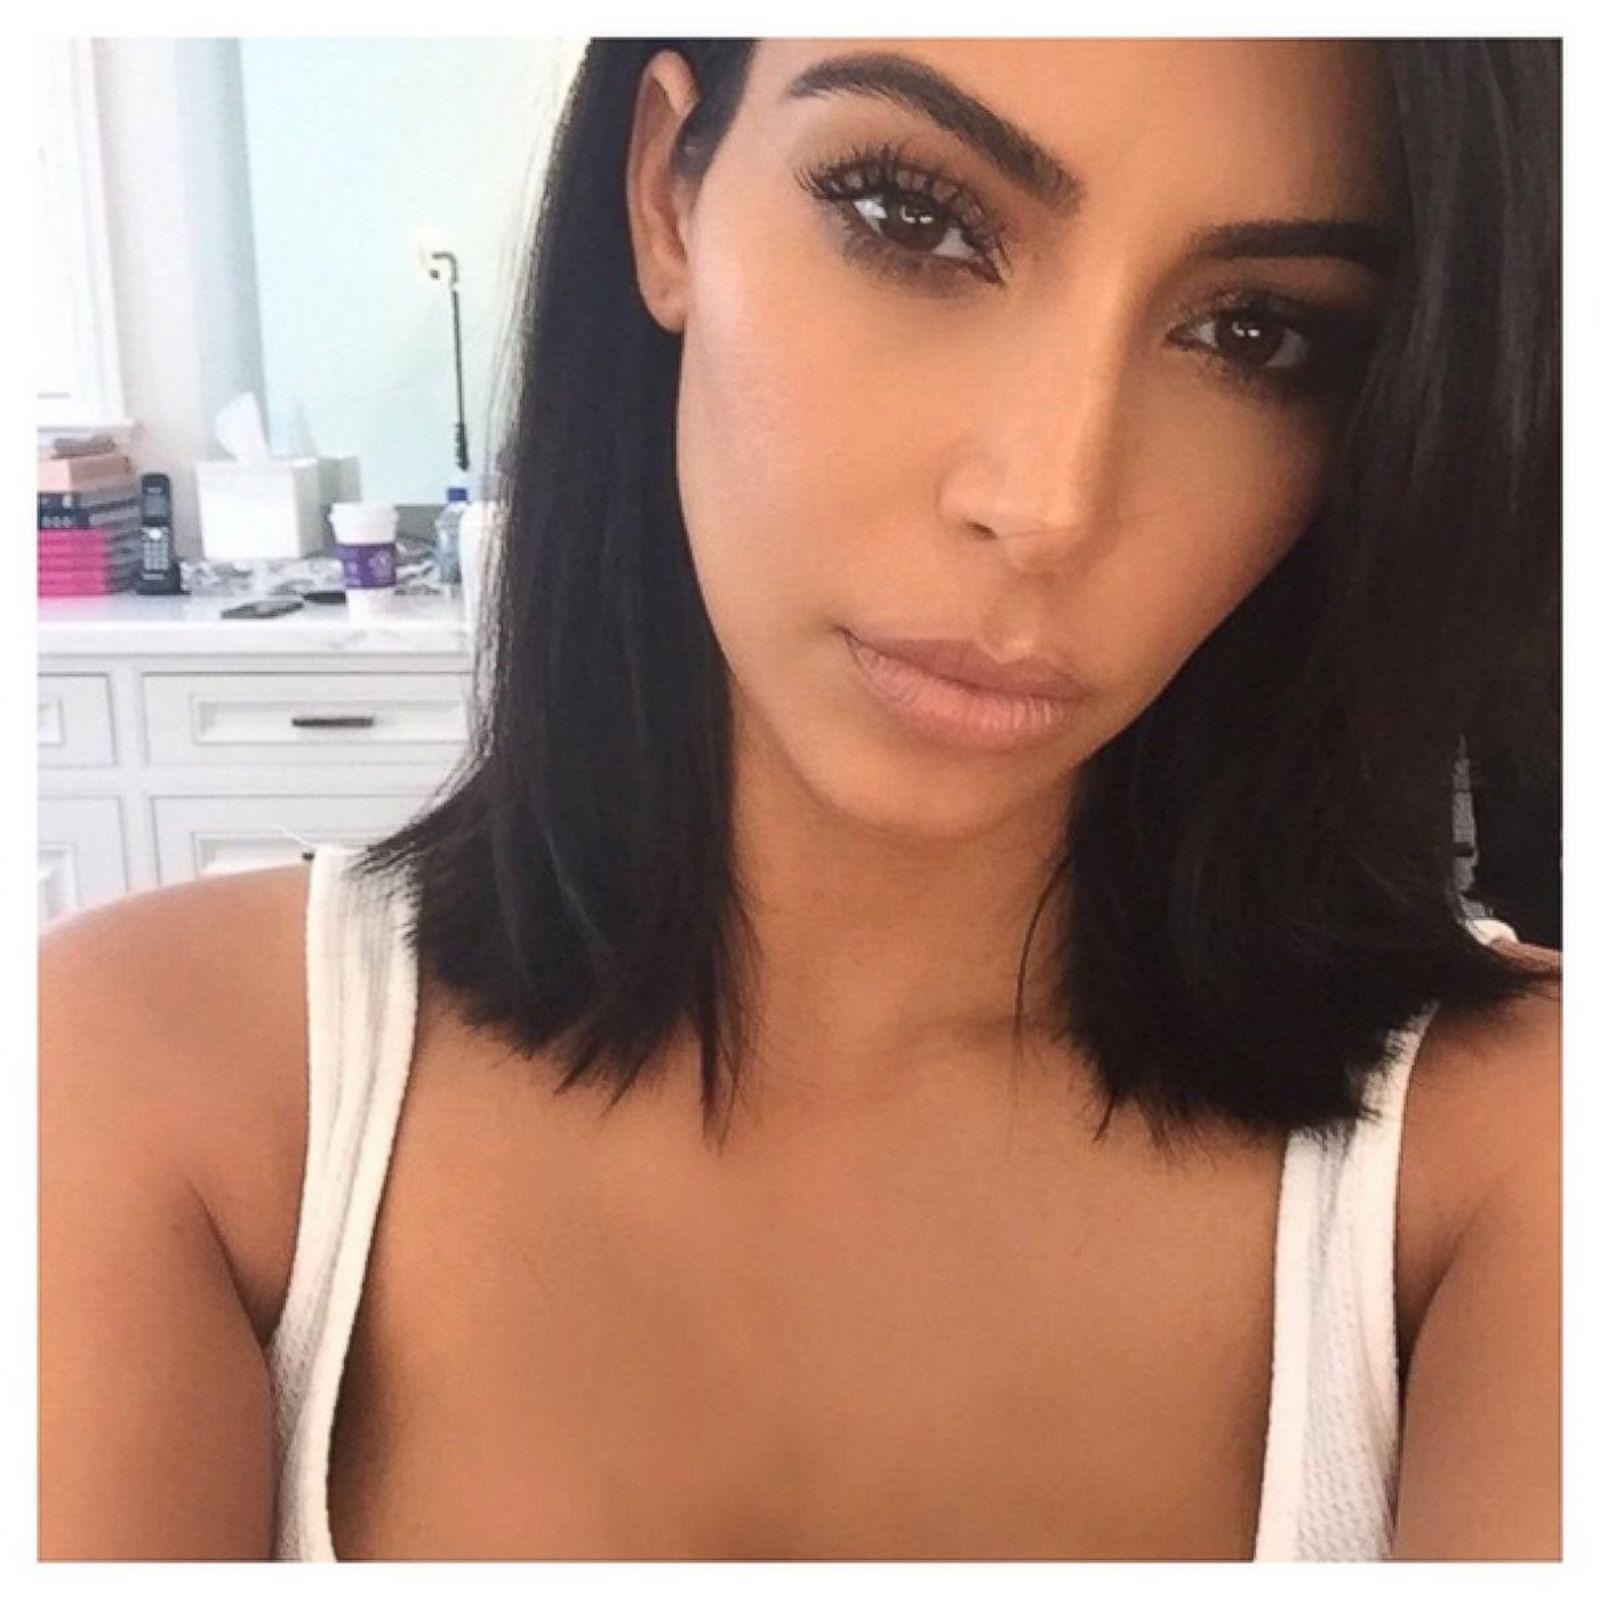 Kim Kardashian Through the Years Photos - ABC News